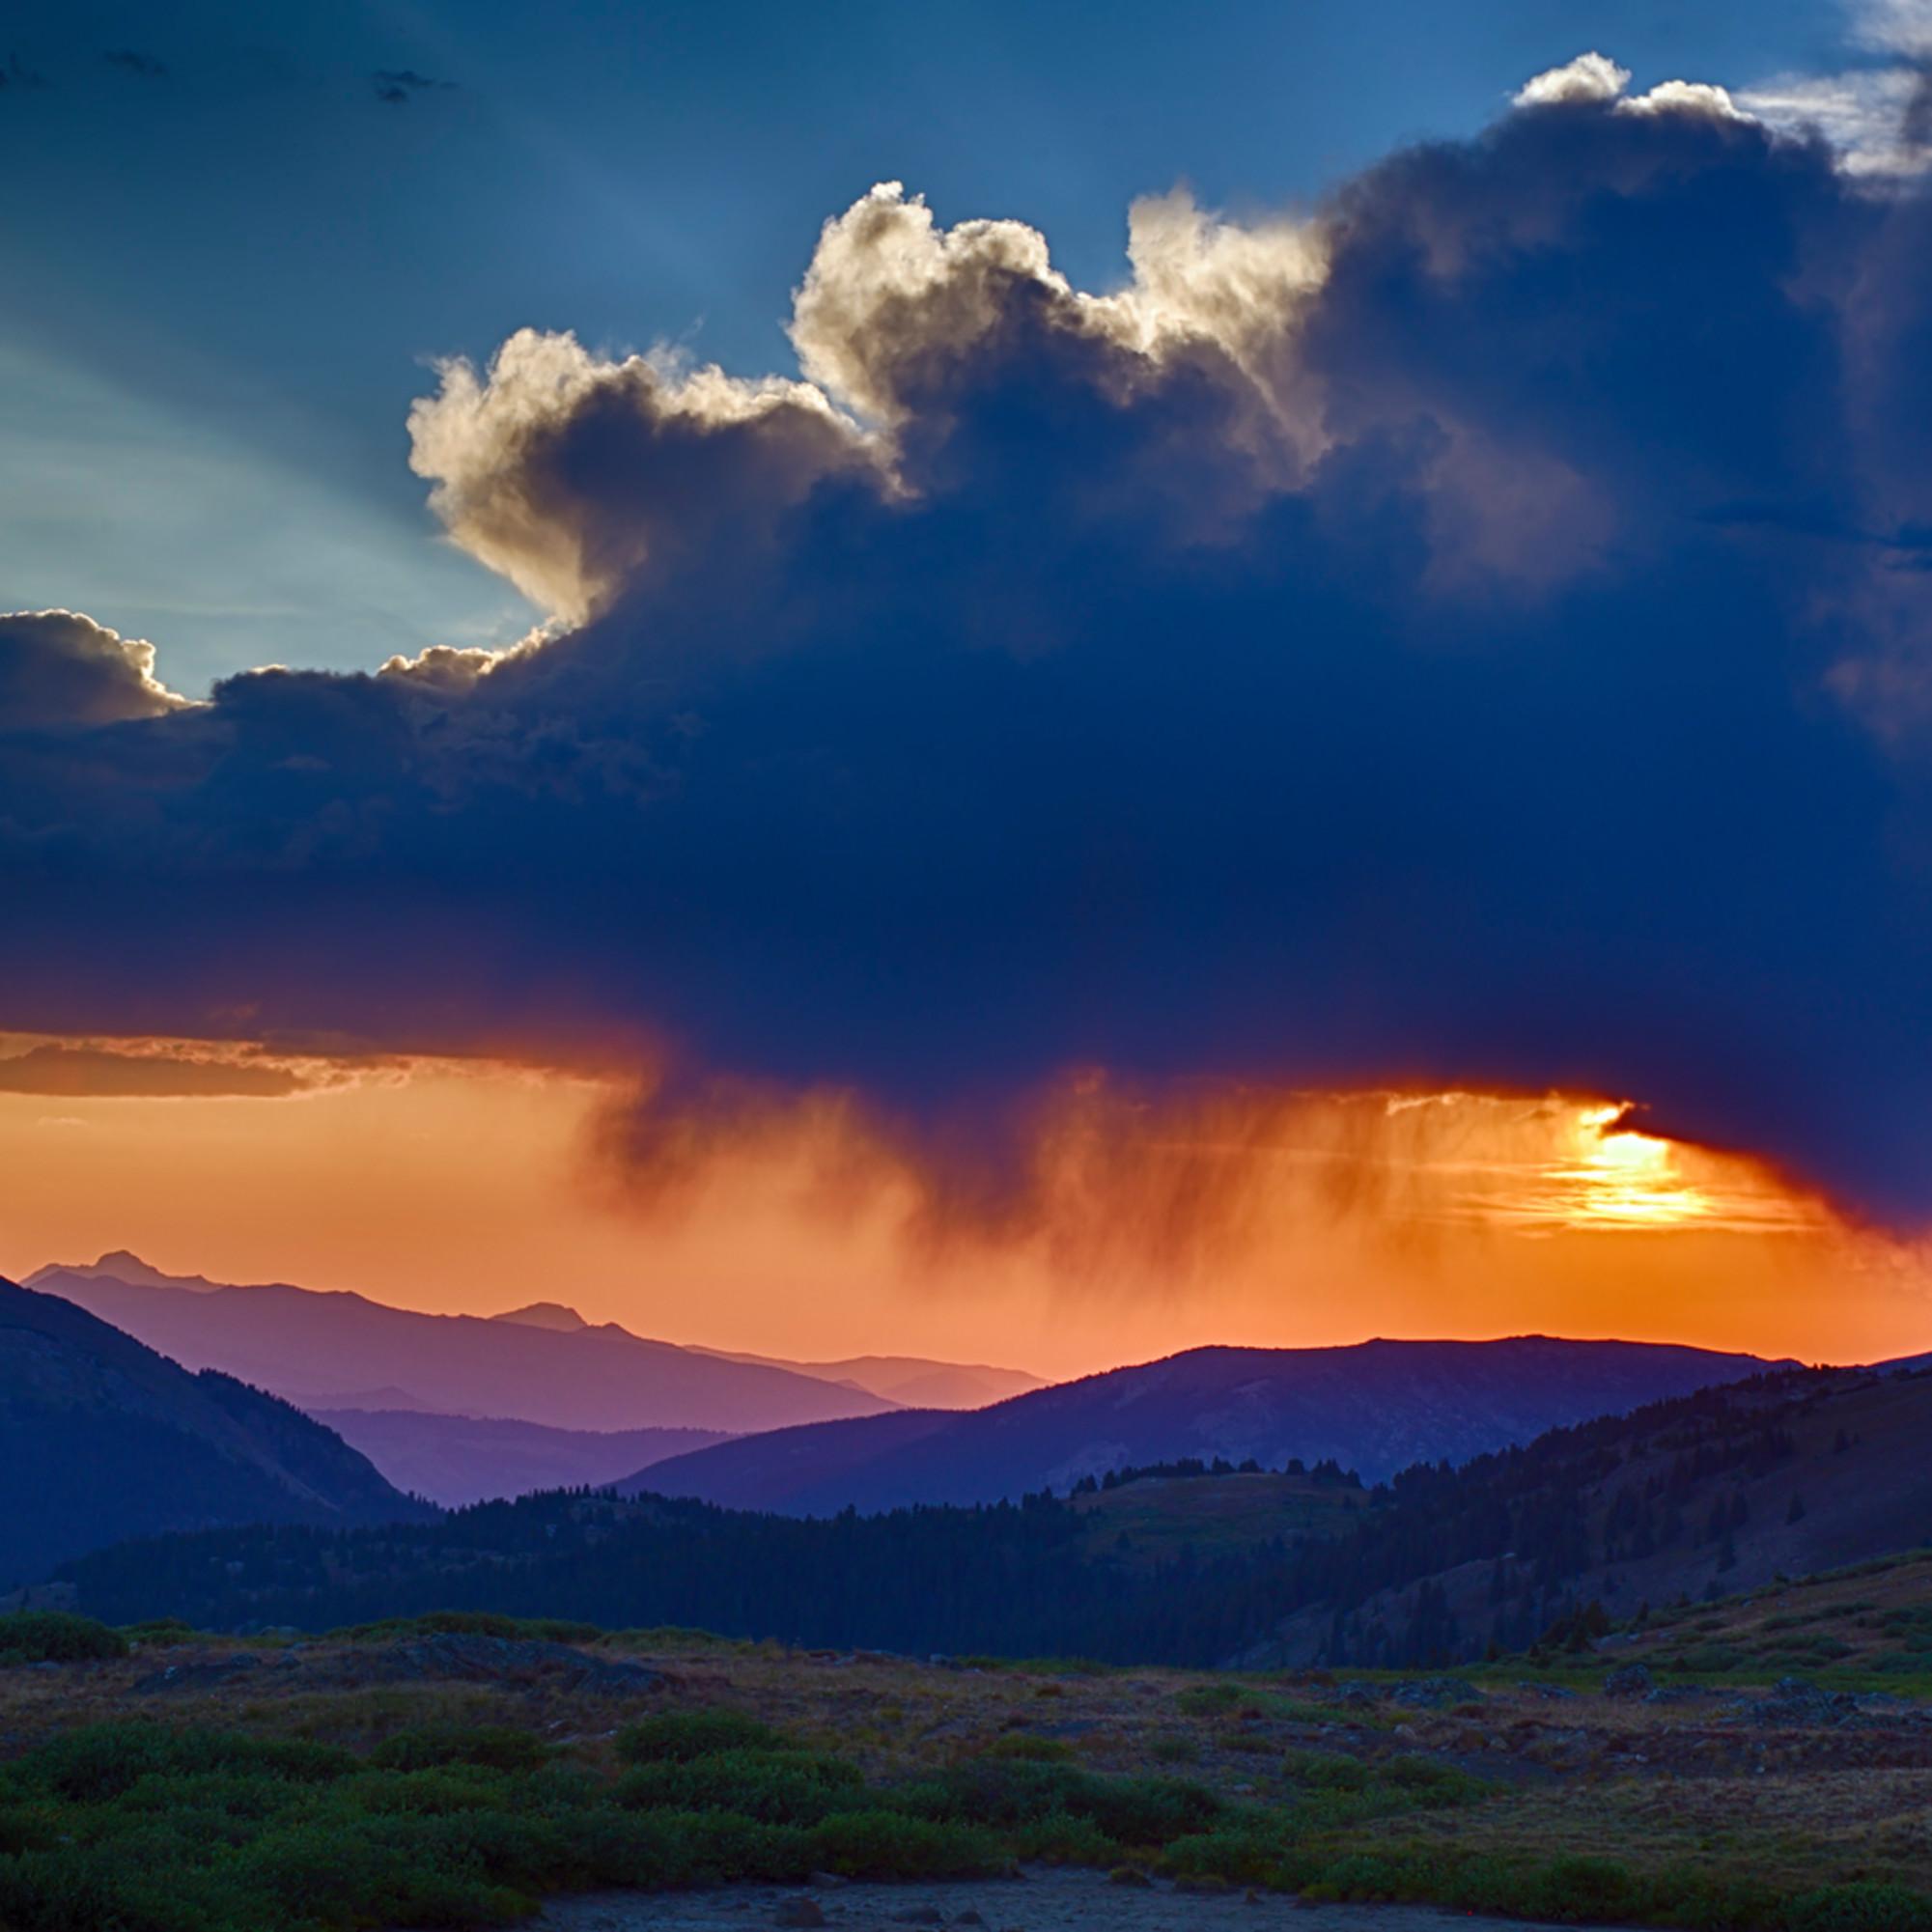 Sunset at independence pass vwqfil